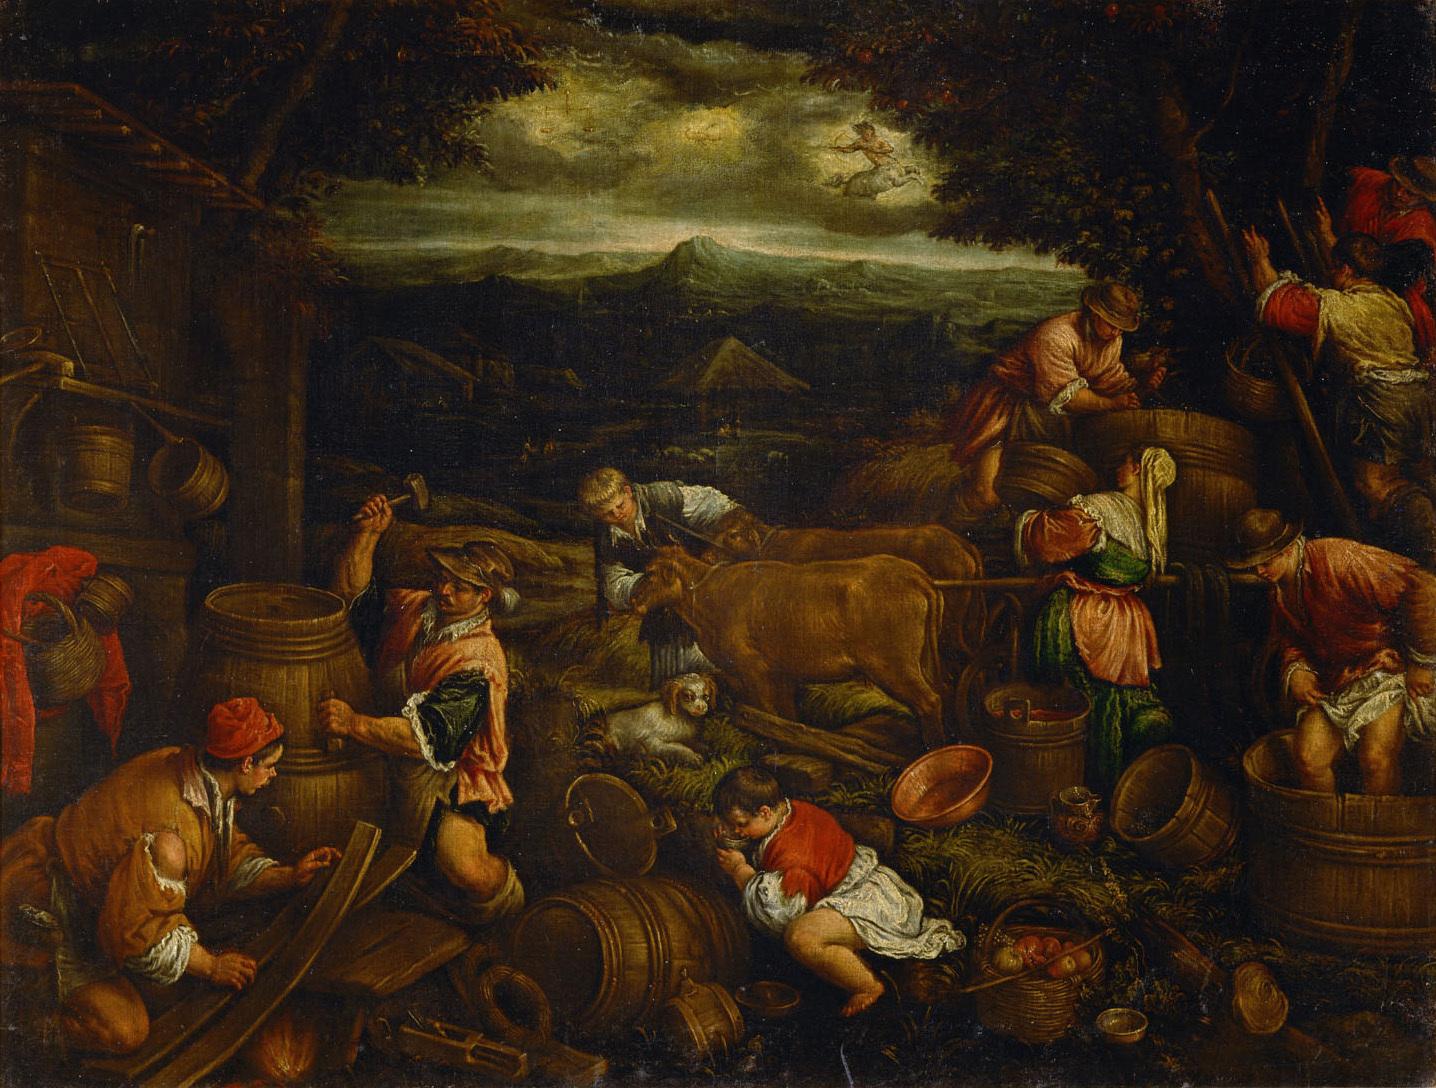 Herbst (Weinlese) von Francesco da Ponte, gen. Francesco Bassano